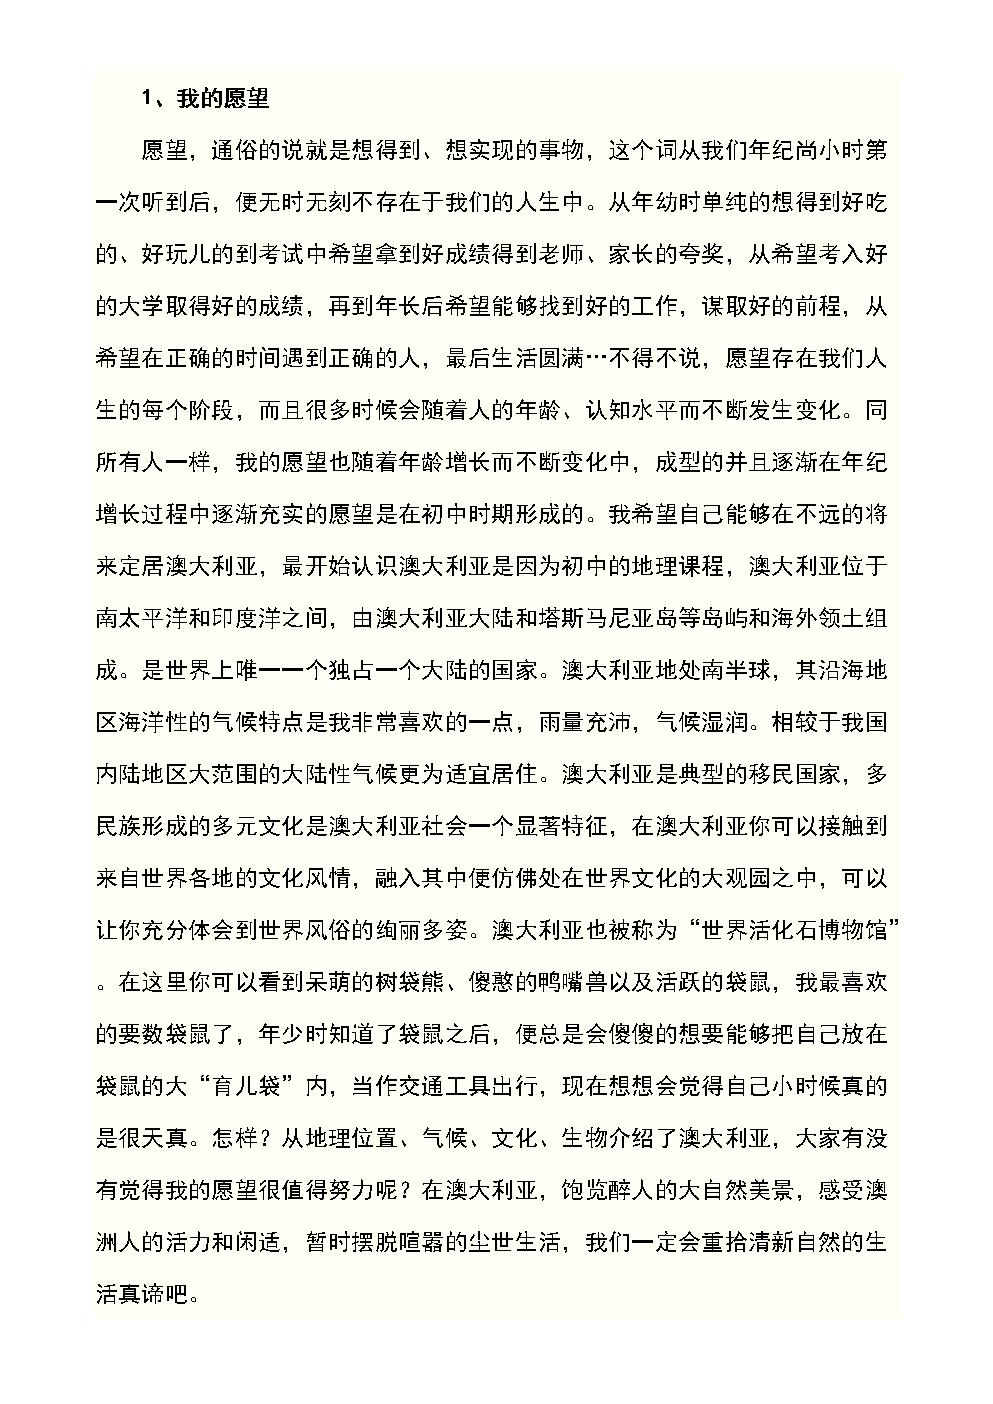 13个人写作 普通话水平测试话题范文30篇 个人版 与以往网络内容不